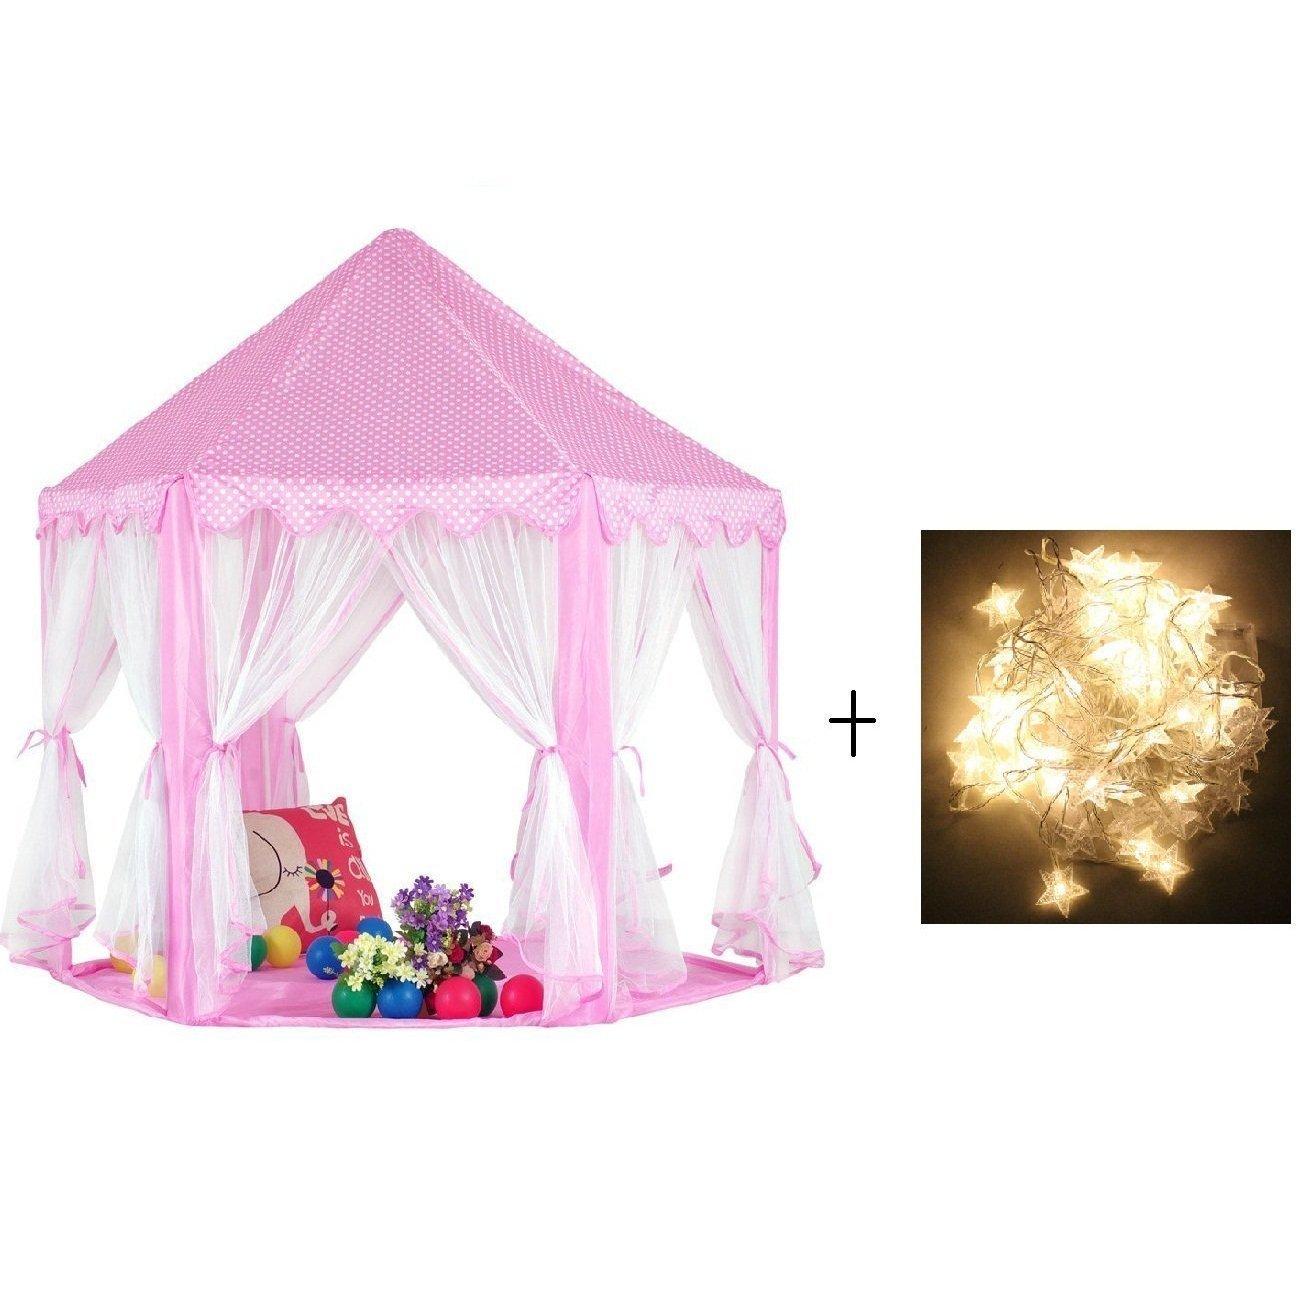 Kinder Spielplatz Prinzessin Schloss Zelte, Shayson im freien tragbare großen Spielhaus, perfekte Indoor Spielzeug Geschenk für Kind Kleinkinder (Mit kleinen Sterne leuchten)